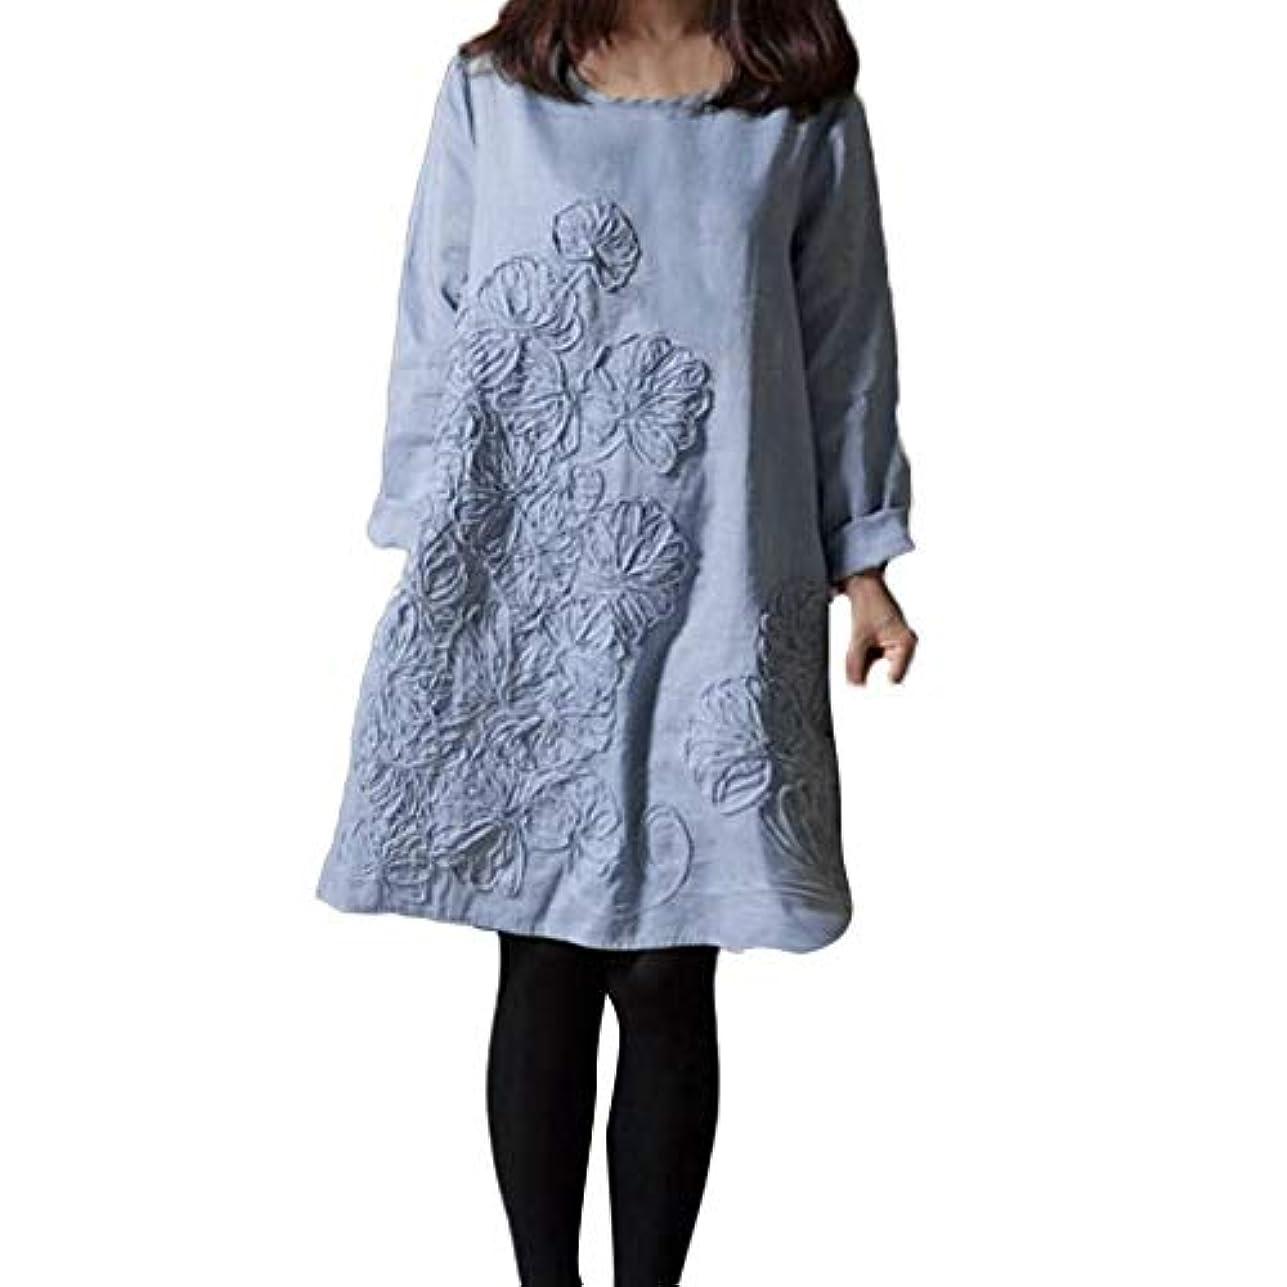 配る誰もインフラ女性ドレス 棉麻 YOKINO 花柄 刺繍 ゆったり 体型カバー 森ガール ゆったり 着痩せ レディース白ワンピース 大人 ワンピース 春 夏 秋 ワンピース 大きいサイズ ゆったり 着痩せ